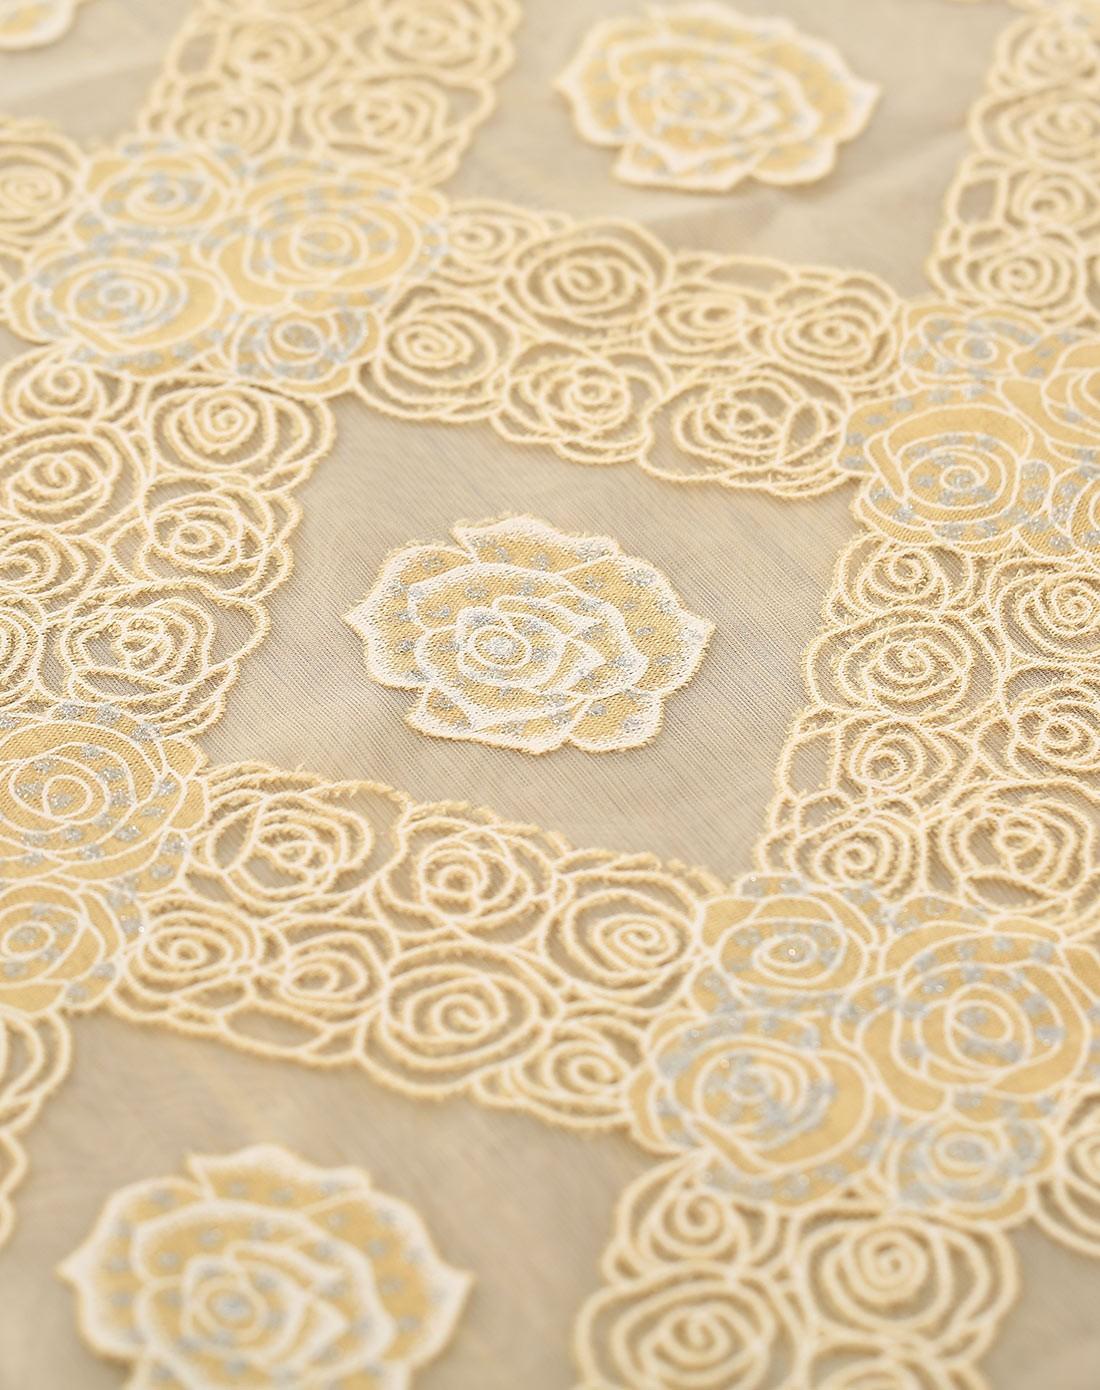 色水晶玫瑰印花桌布